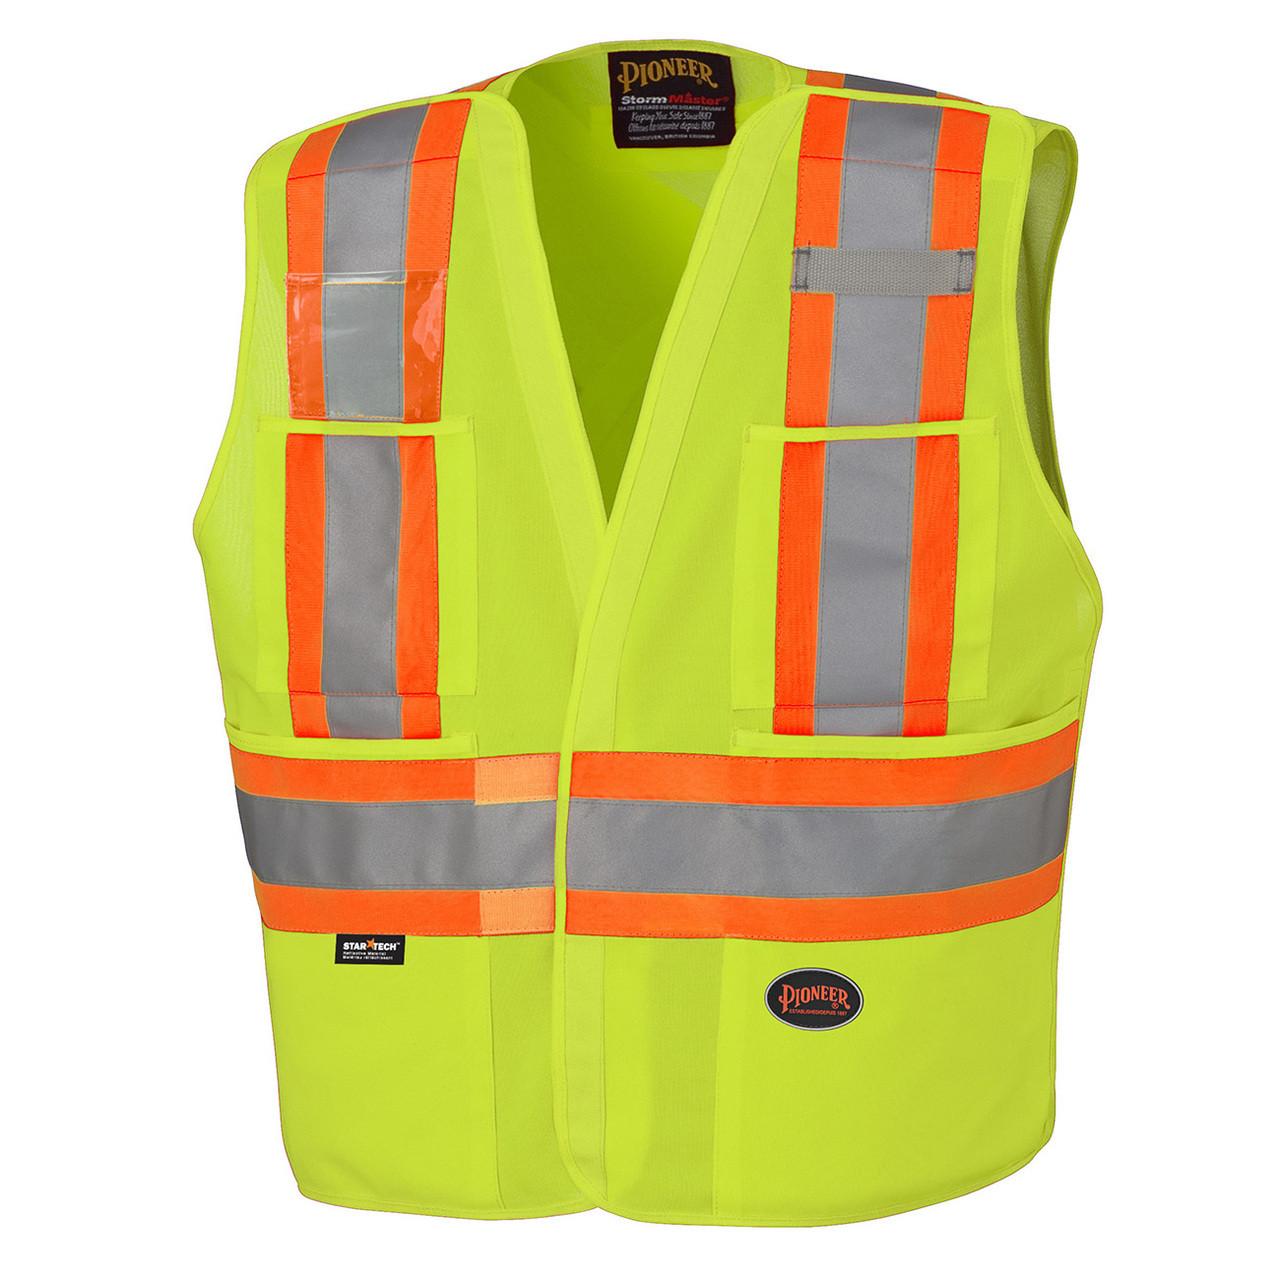 8a809b7e0d15 6931 Hi-Viz Safety Tear-Away Vest